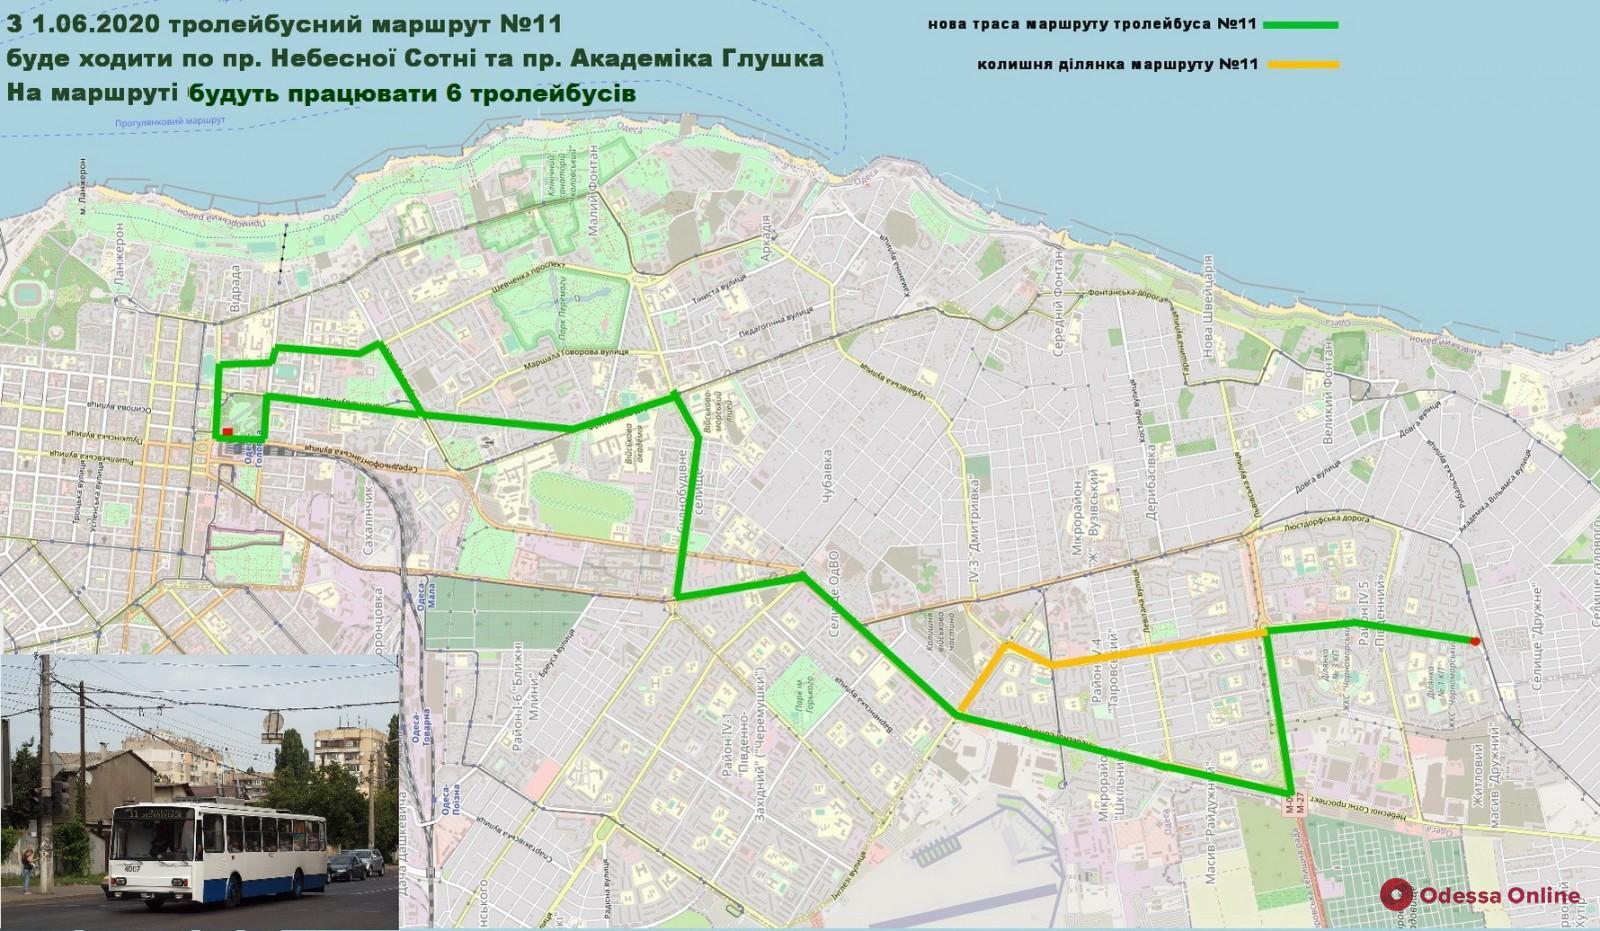 Одесса: троллейбус №11 изменит схему движения